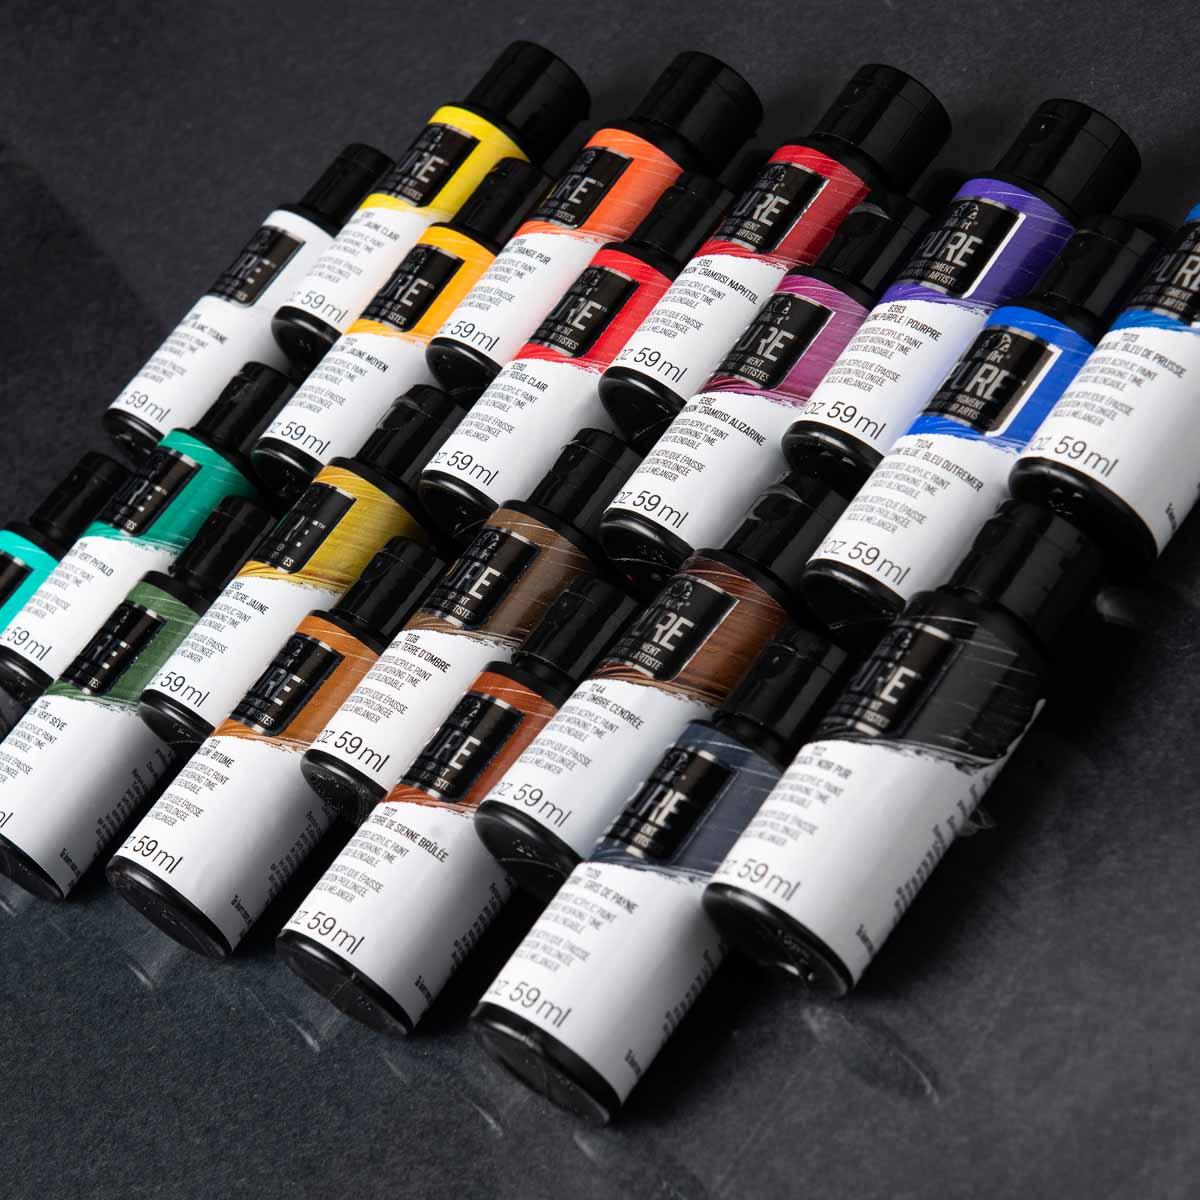 FolkArt ® Pure™ Artist Pigment Paints Sets - 20 Color Set - PROMOFAPAP2